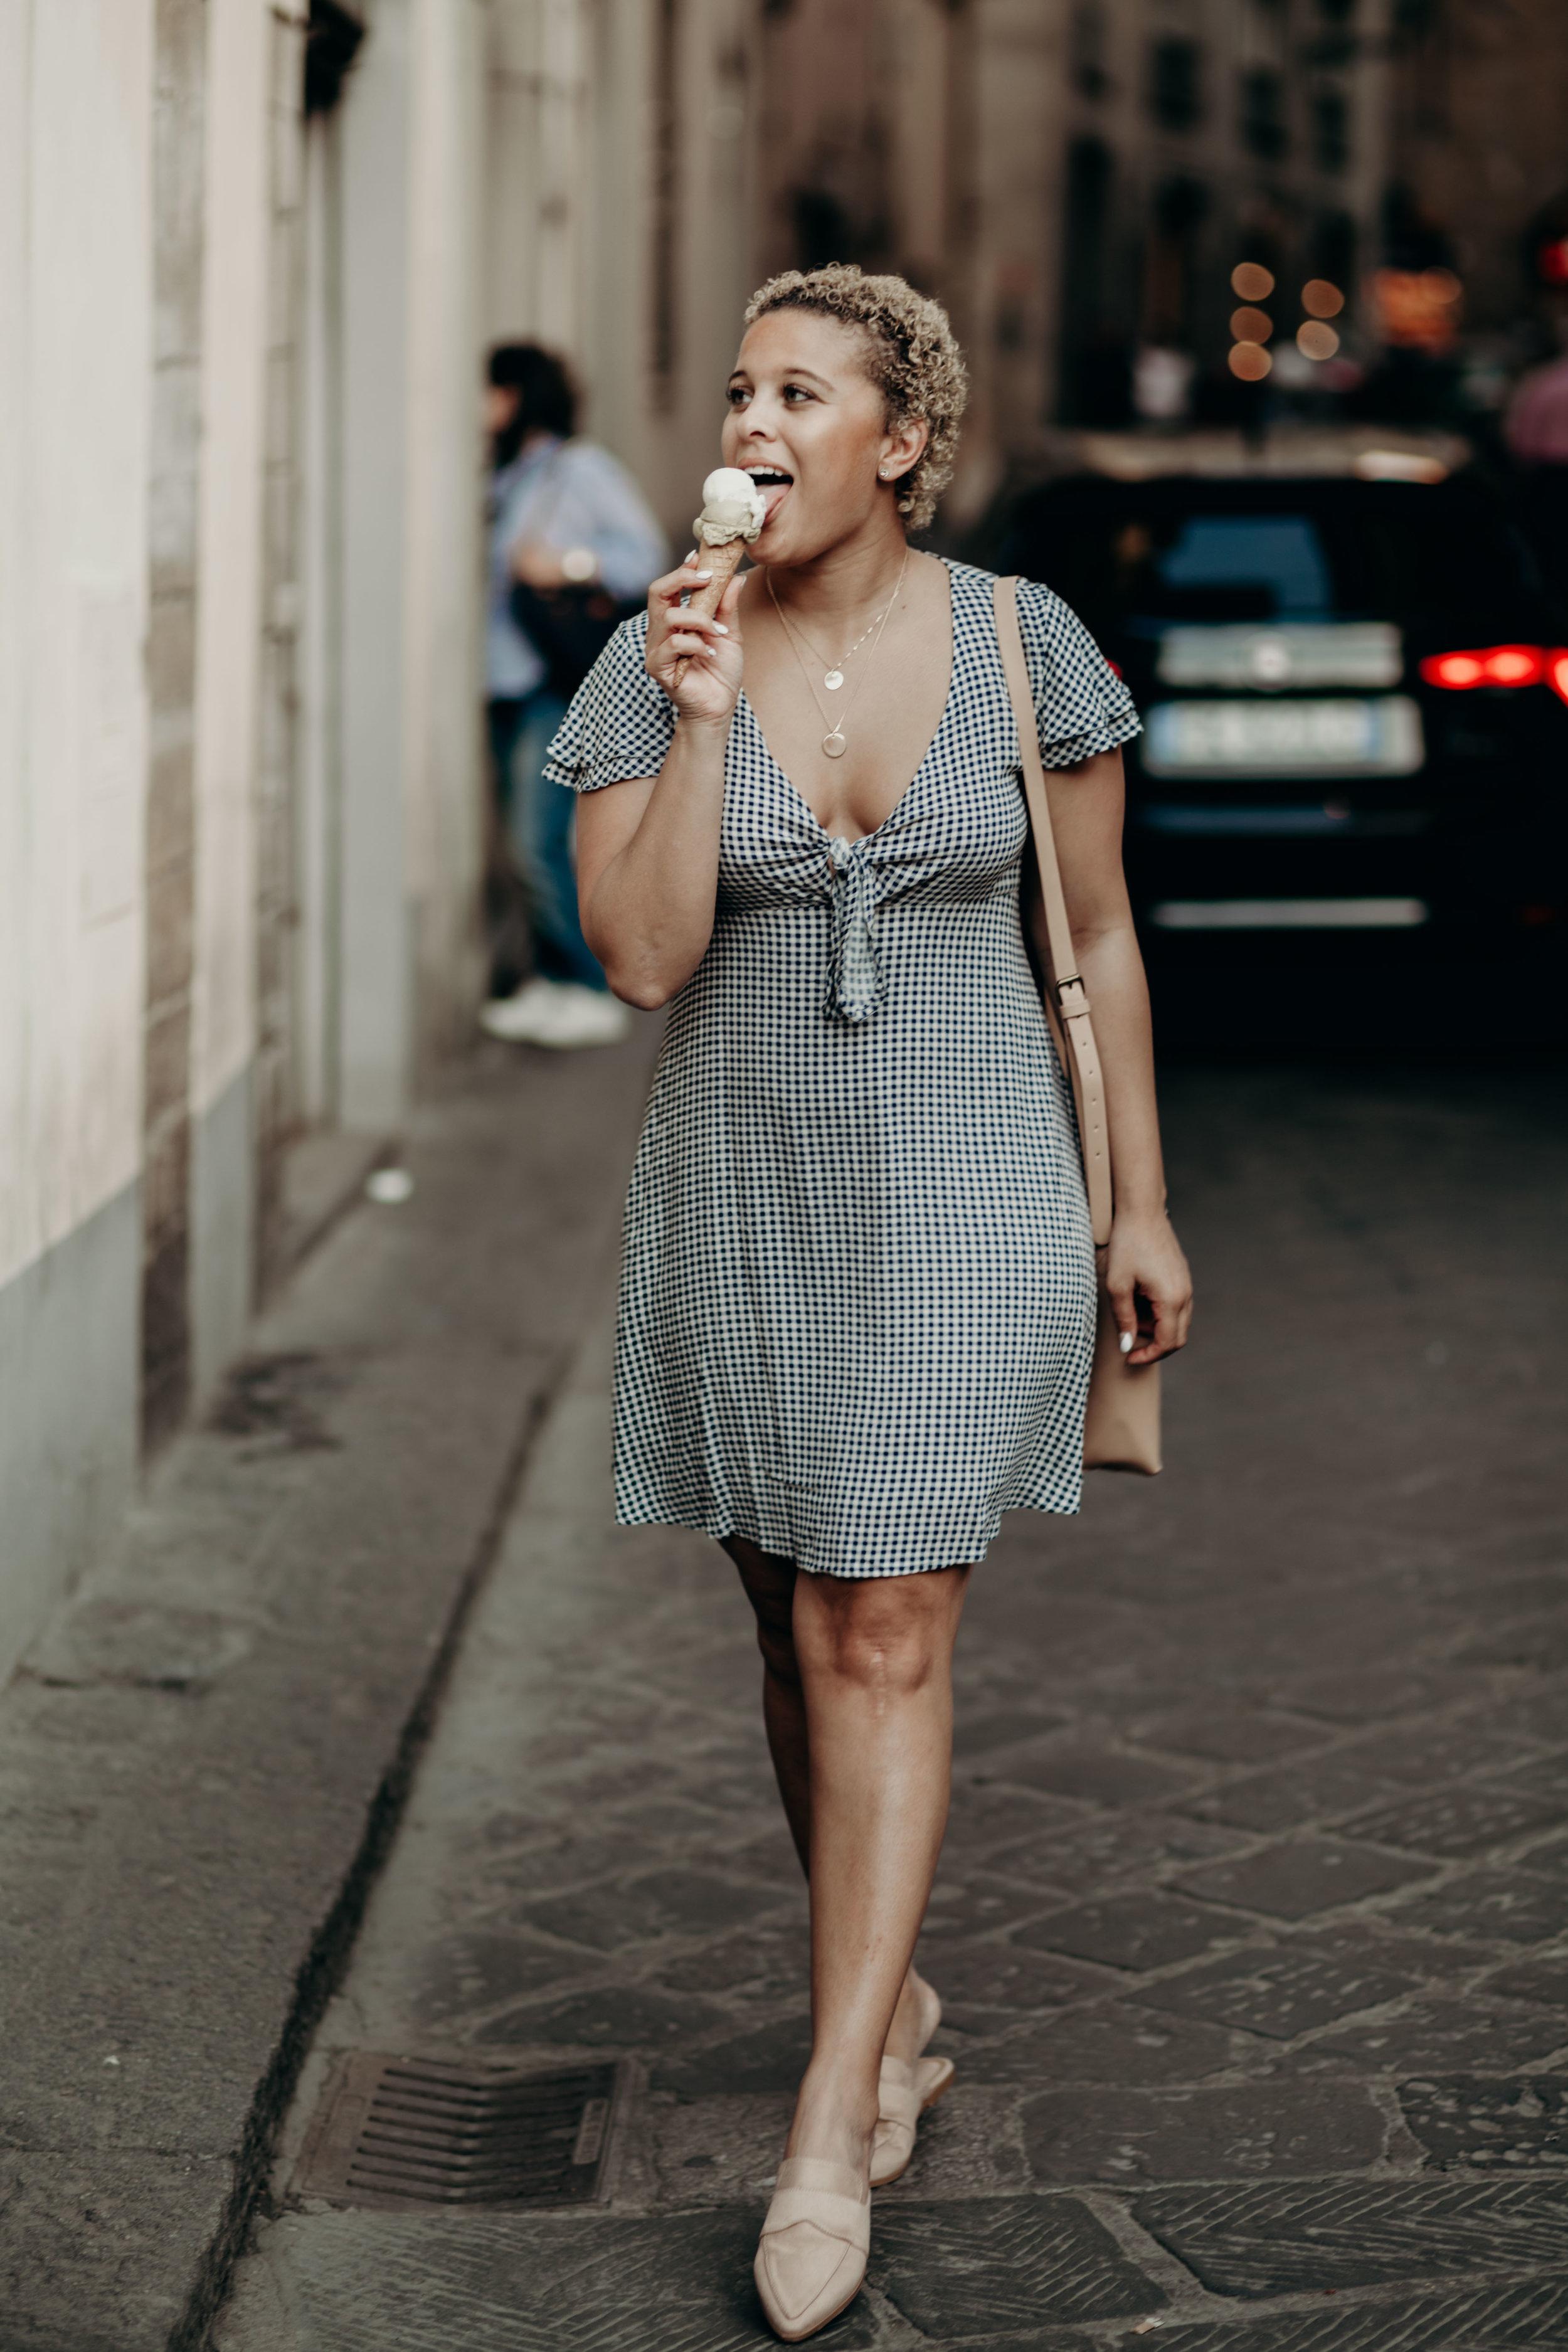 ITALIA-4291.jpg